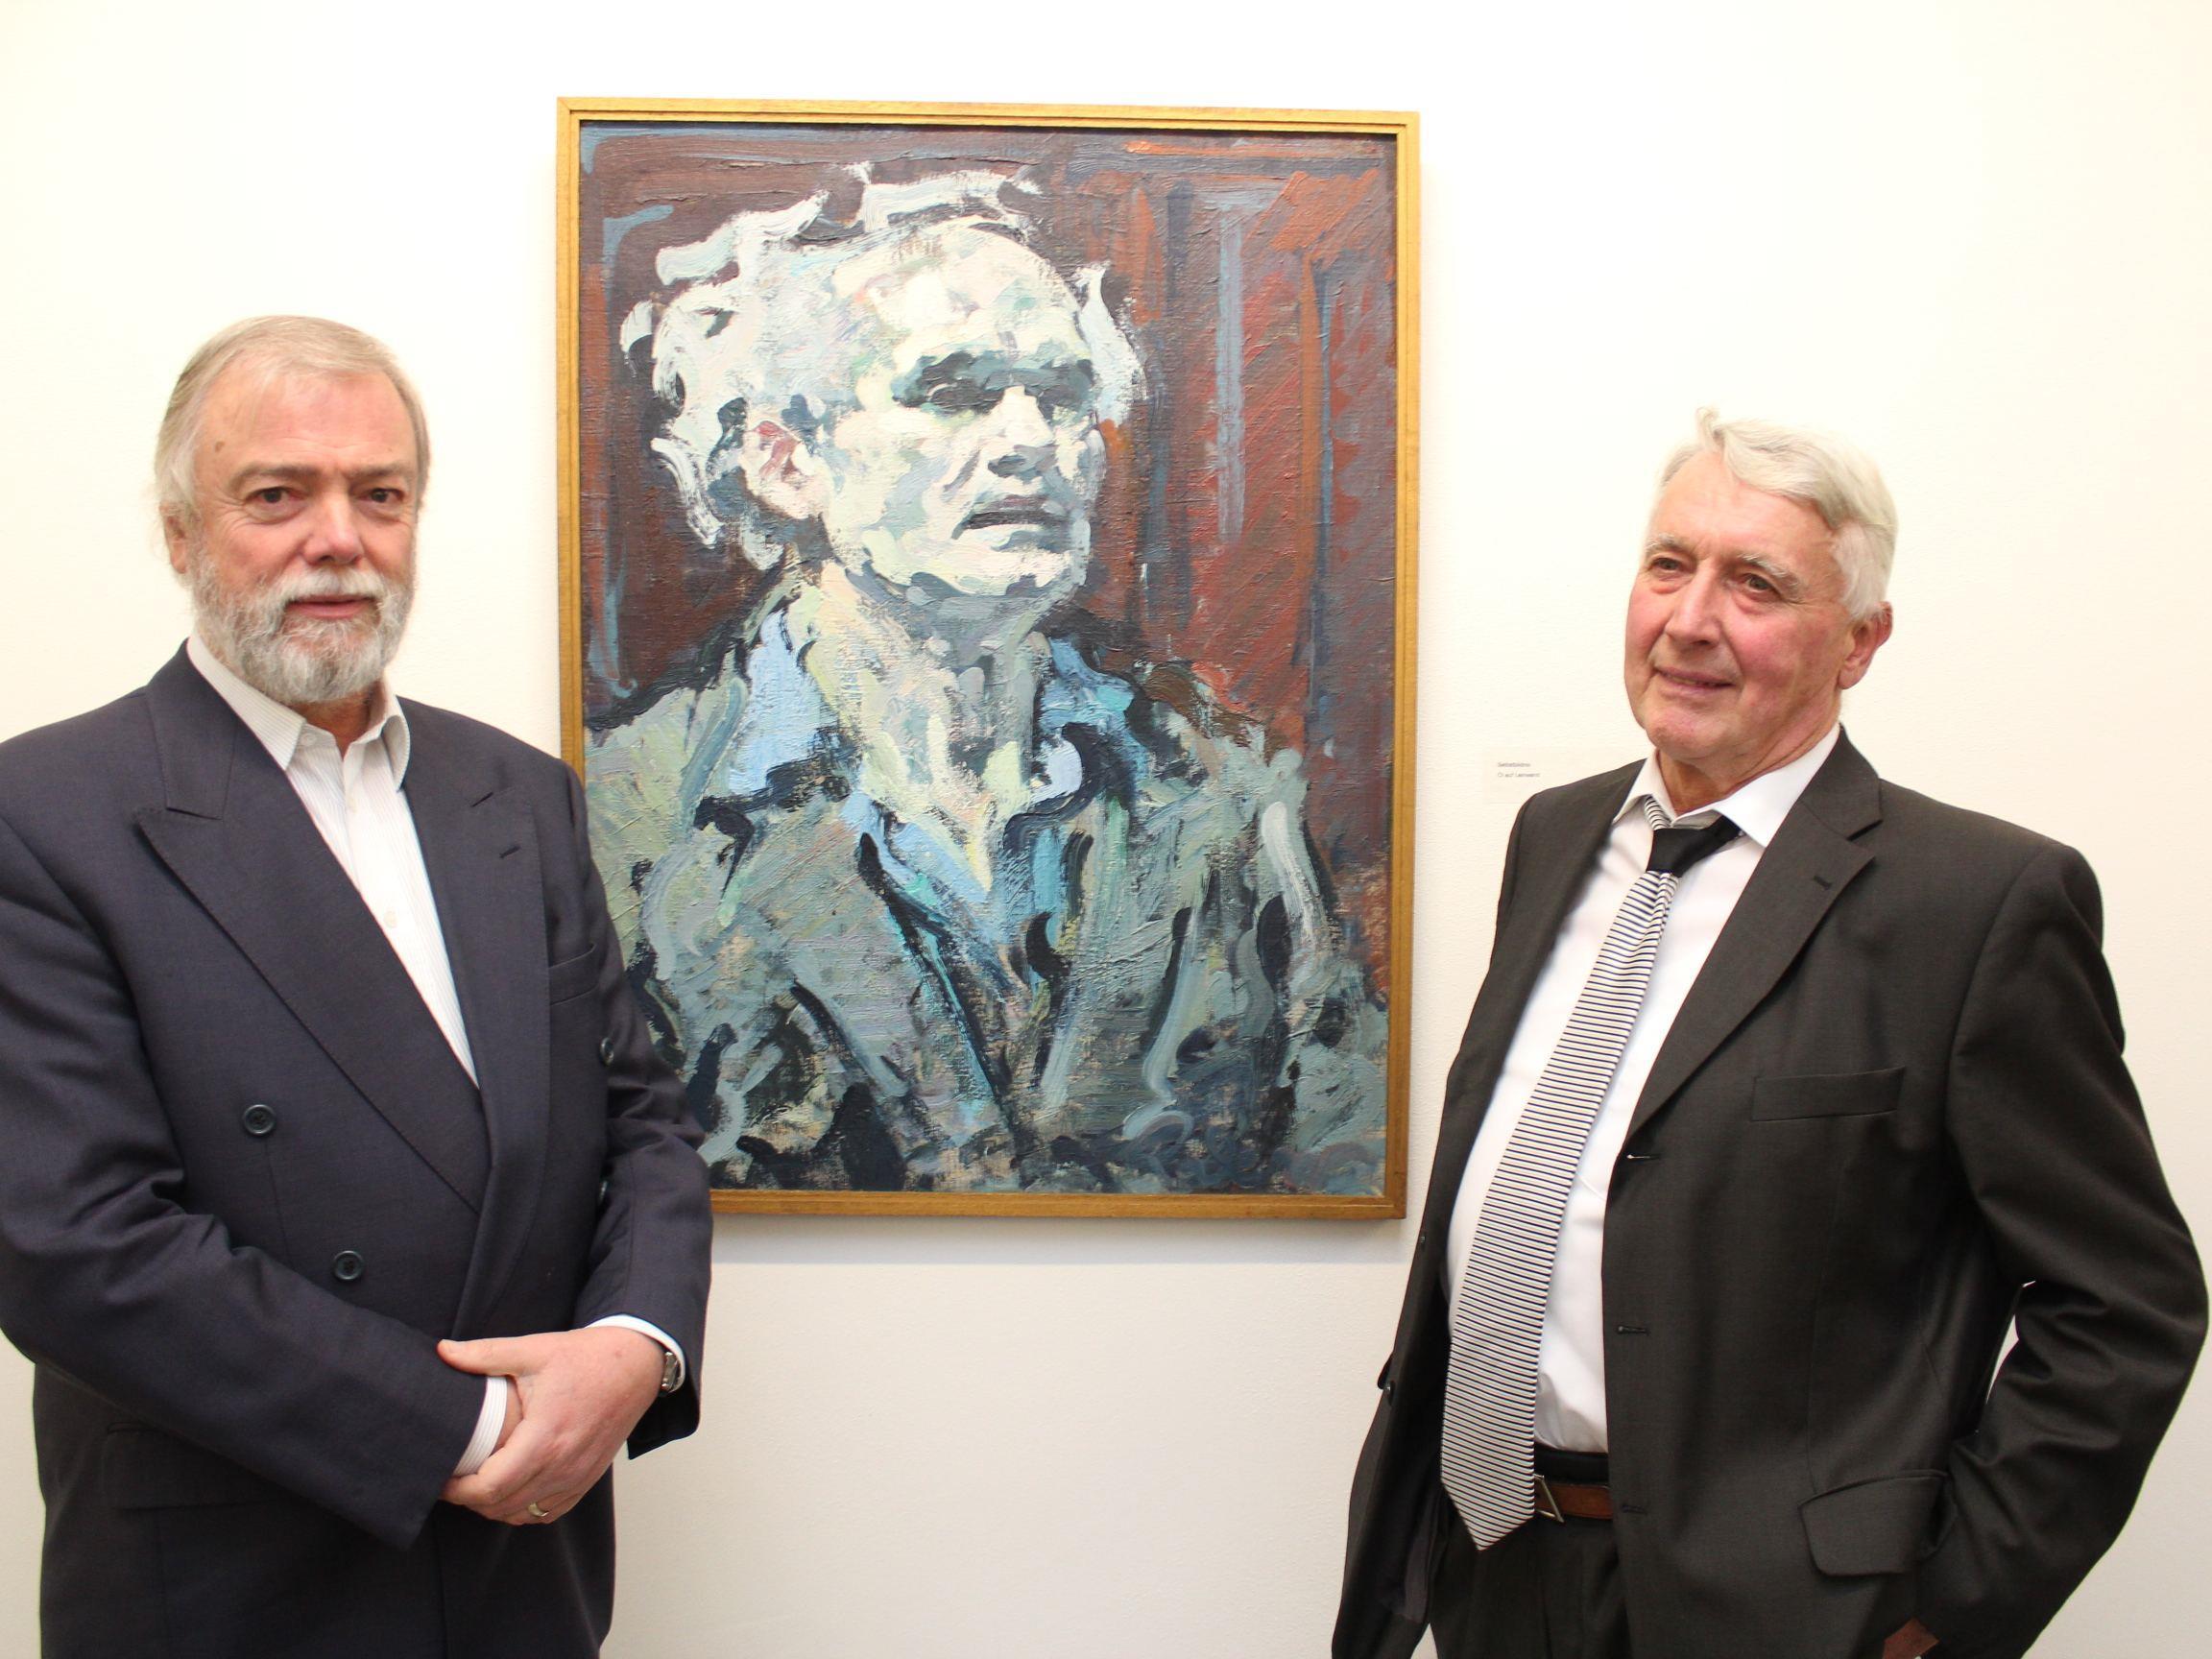 Manfred A. Getzner und Alwin Rohner vor einem Rederer-Bild.